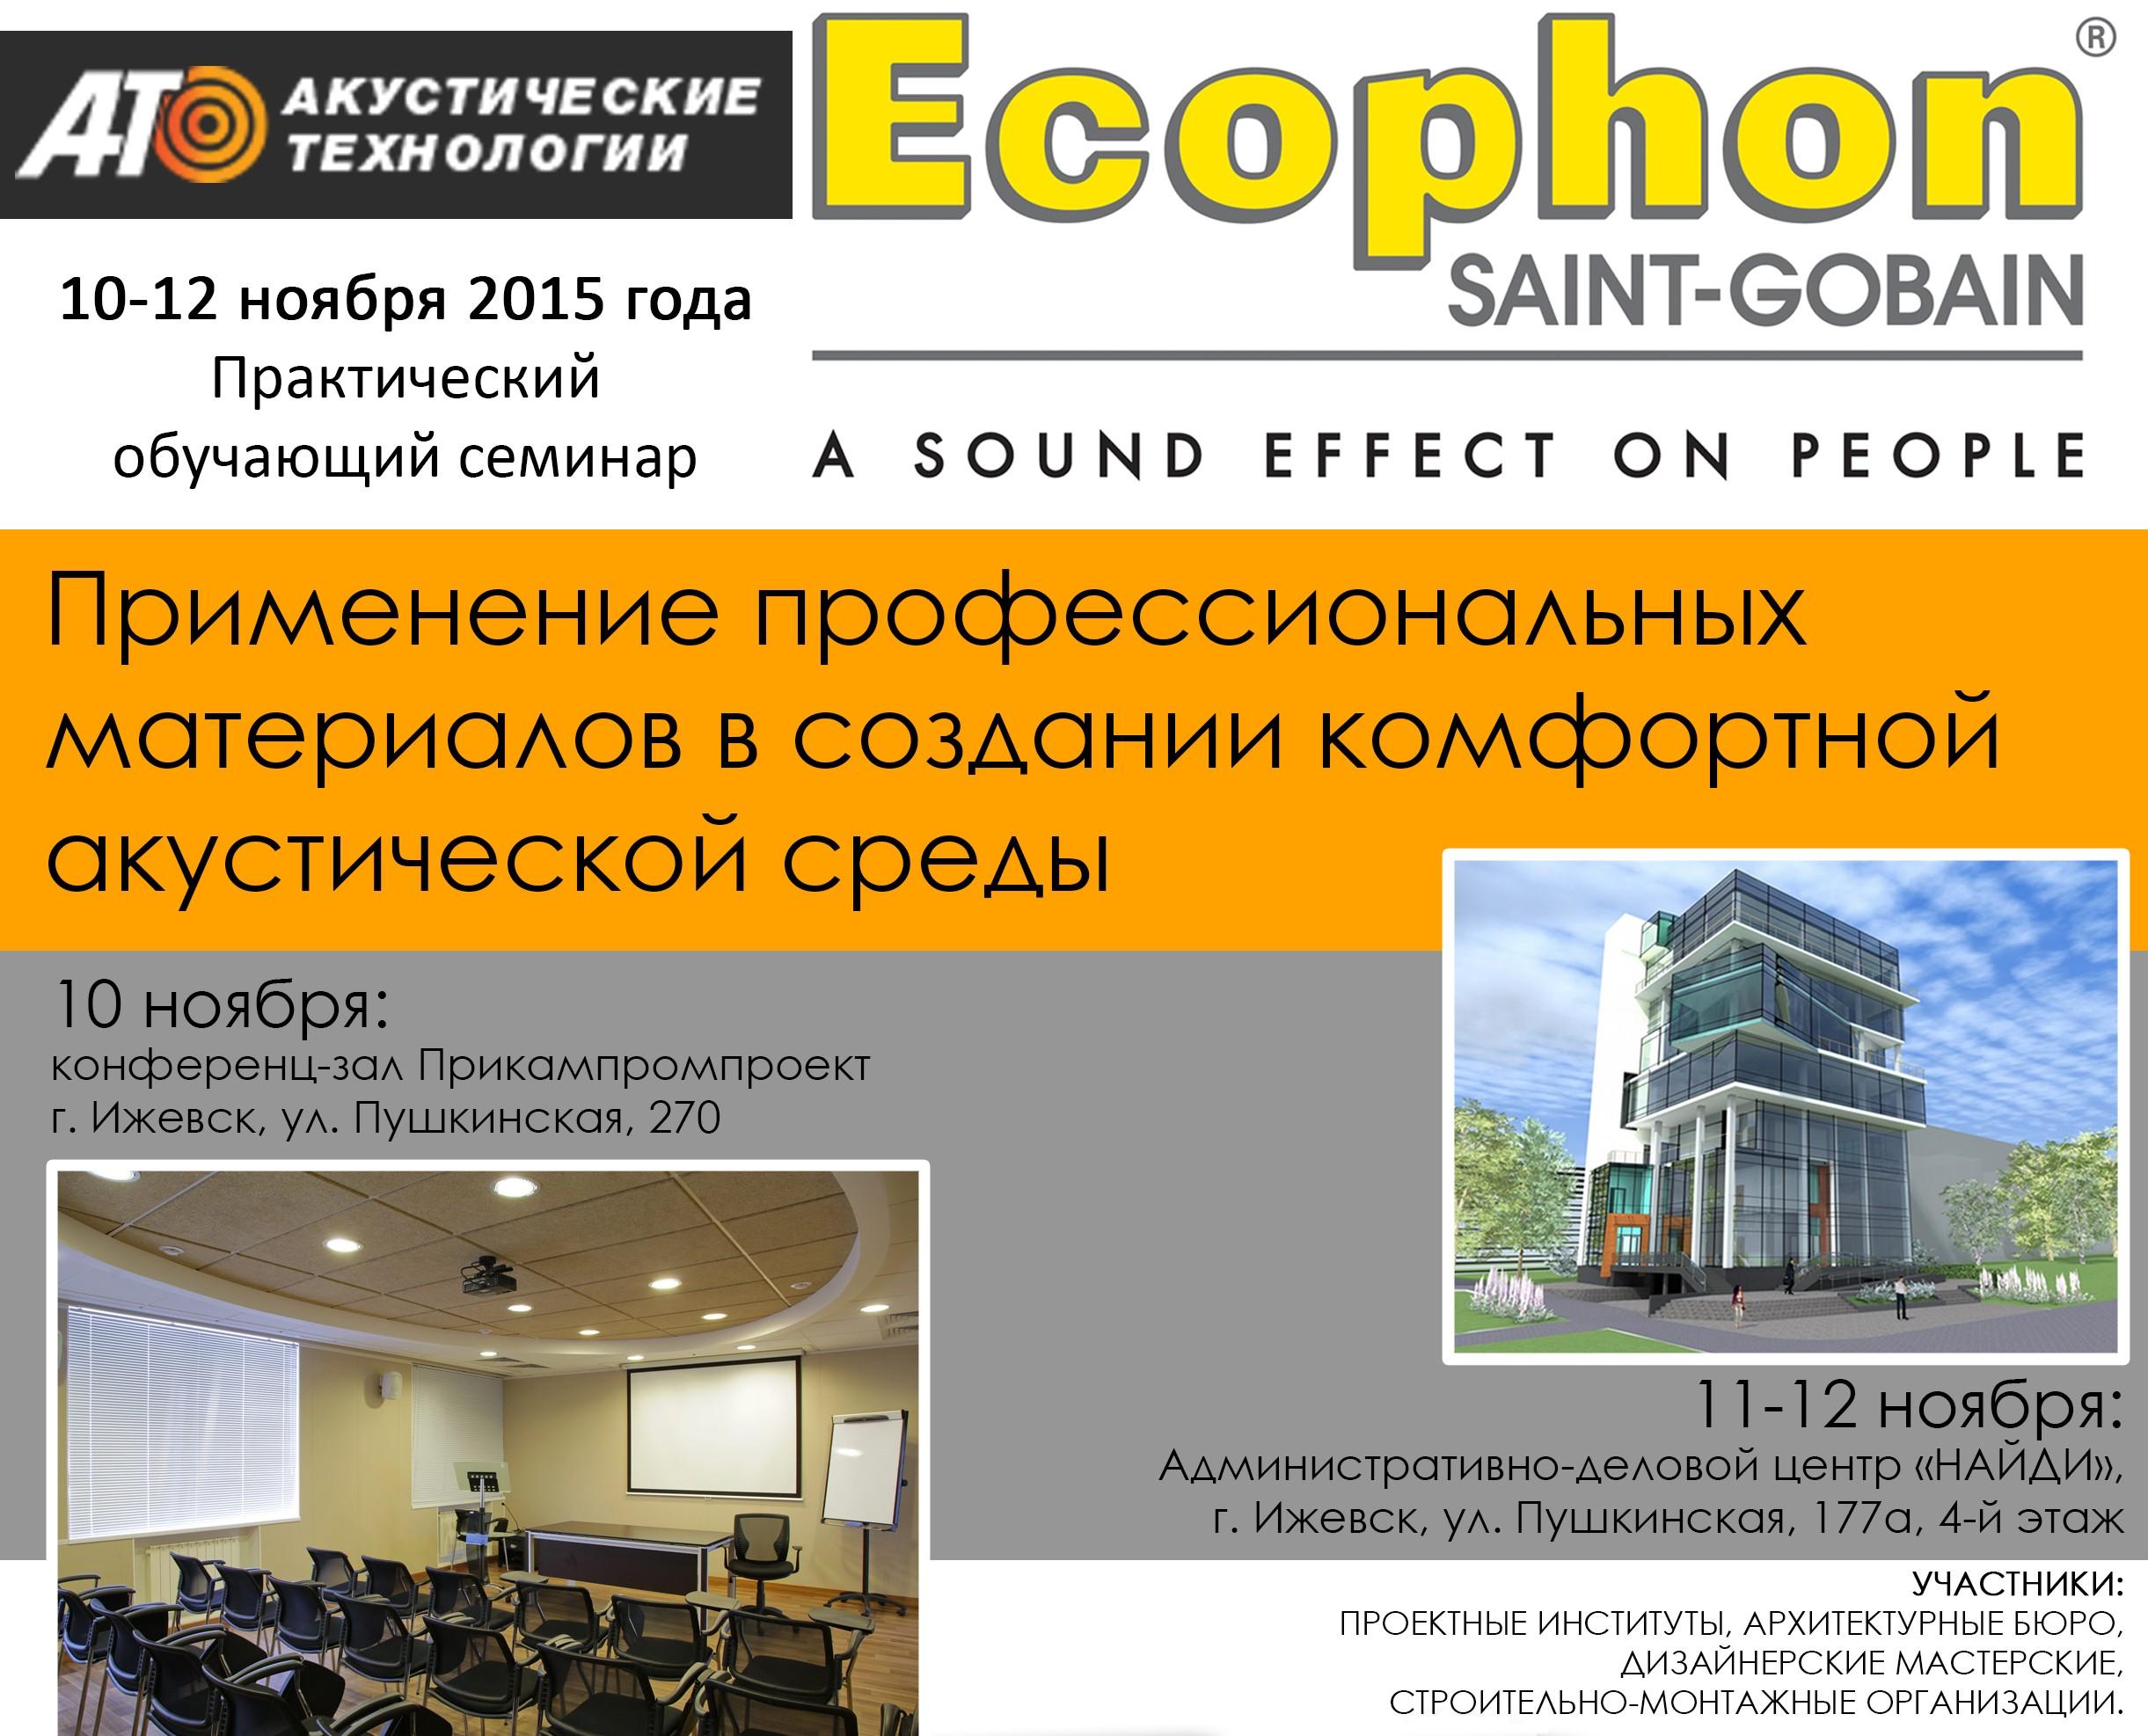 for Ecophon preisliste 2015